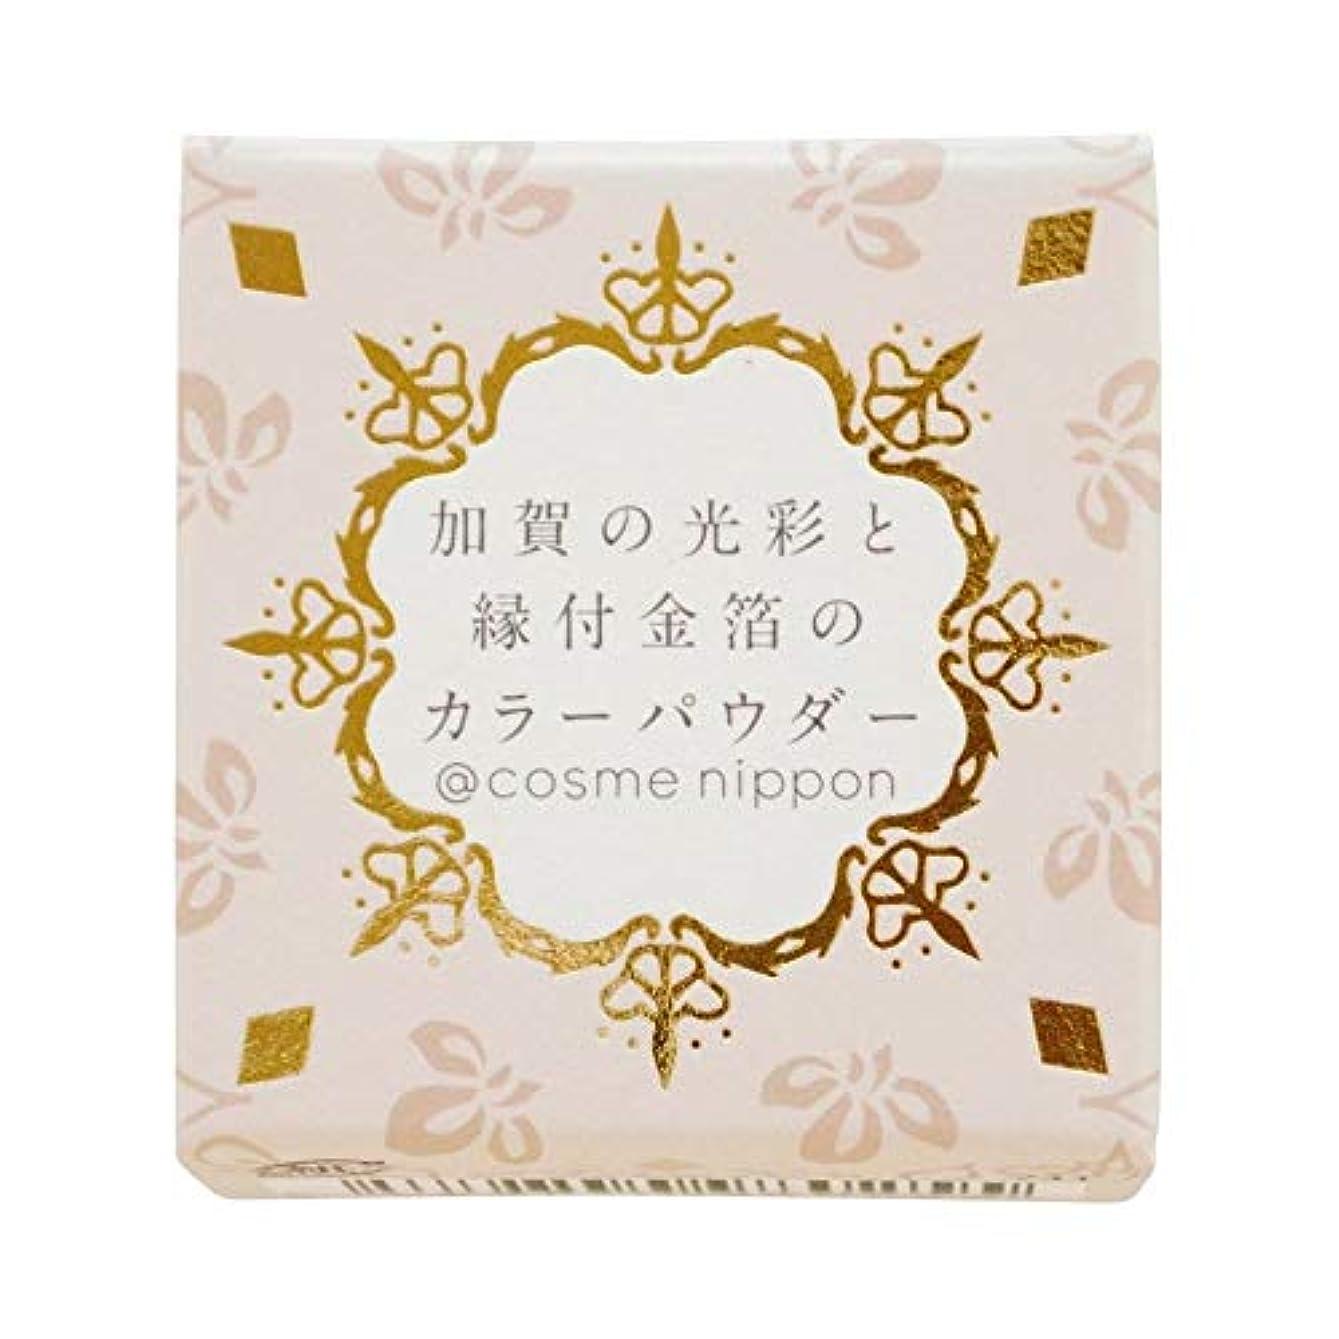 可愛い水っぽい特別に友禅工芸 すずらん加賀の光彩と縁付け金箔のカラーパウダー01金色こんじき